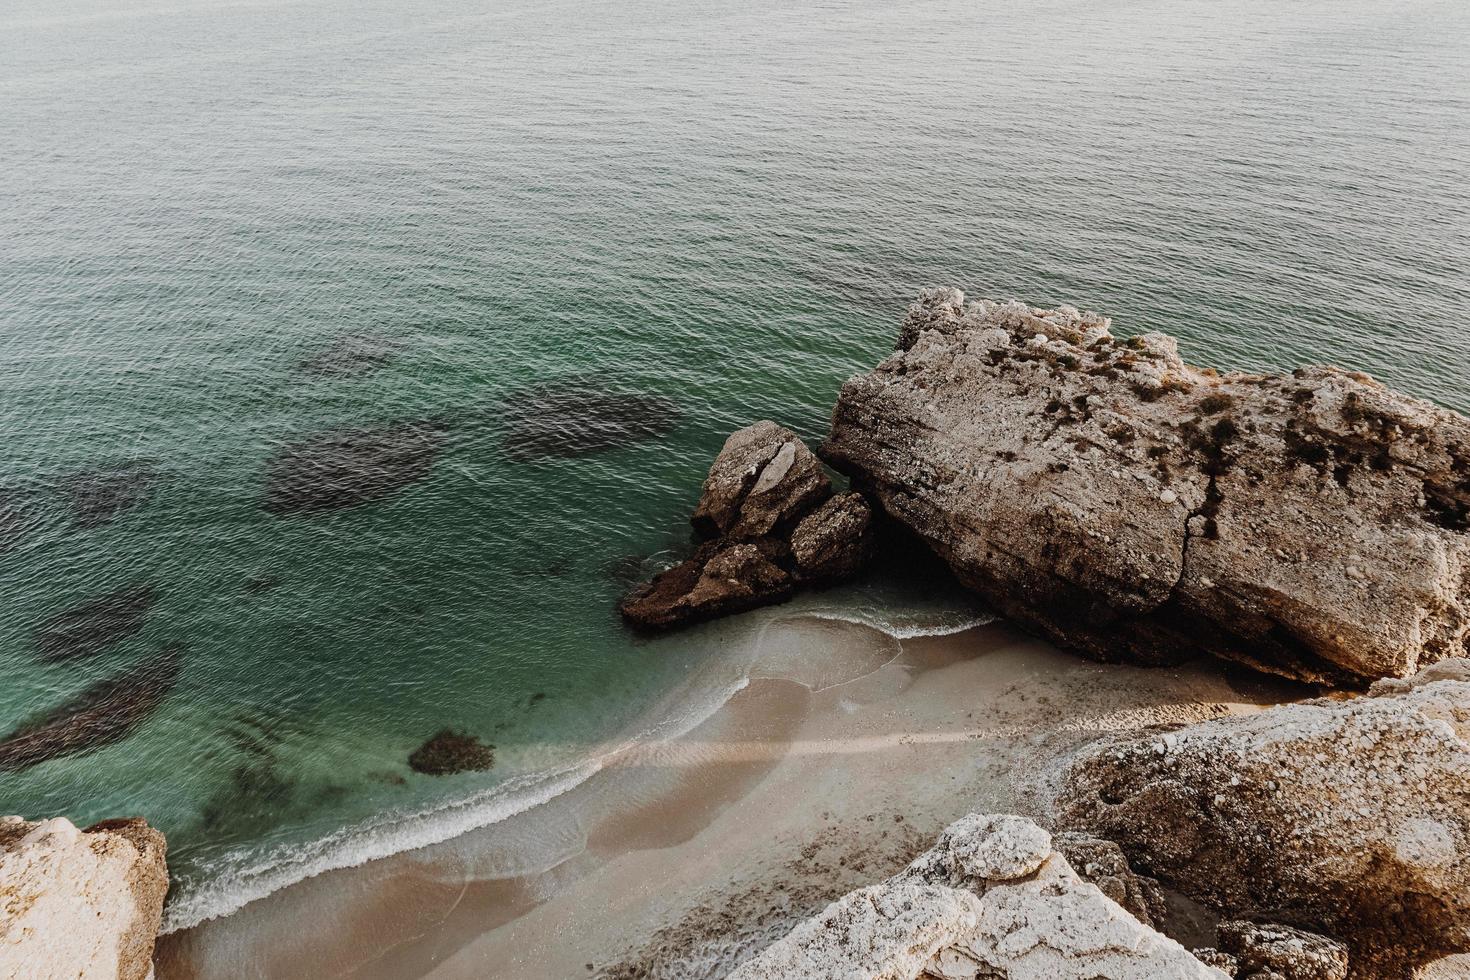 Felsformation an der Ozeanküste foto